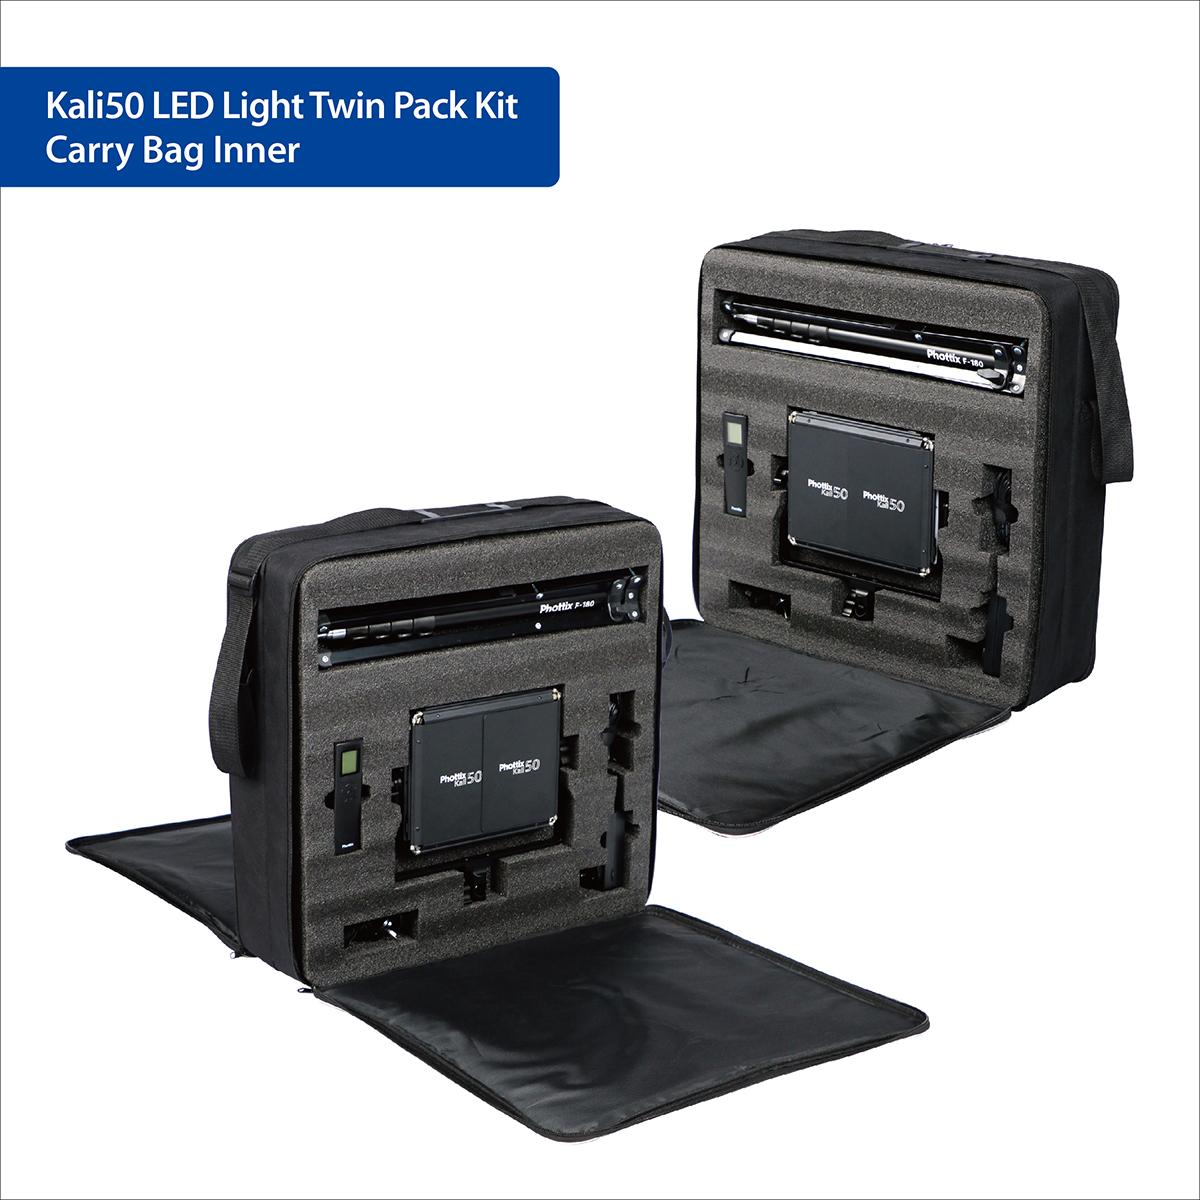 Kali50 twin 3